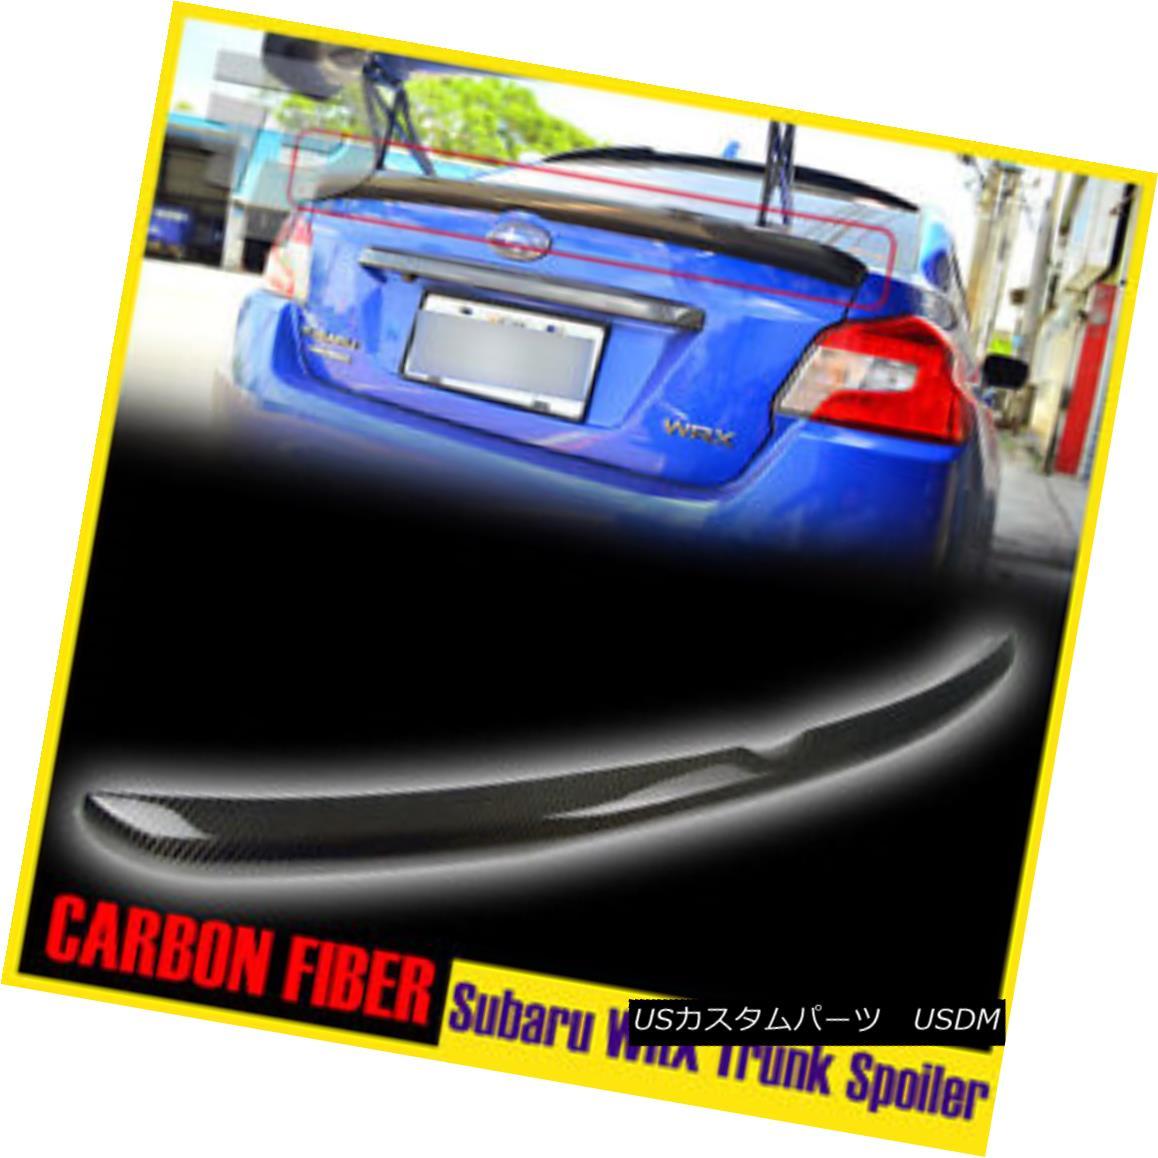 エアロパーツ For Subaru WRX STI Sedan OE Style Rear Trunk Spoiler Carbon Fiber 15-17 スバルWRX STIセダンOEスタイルリアトランクスポイラーカーボンファイバー15-17